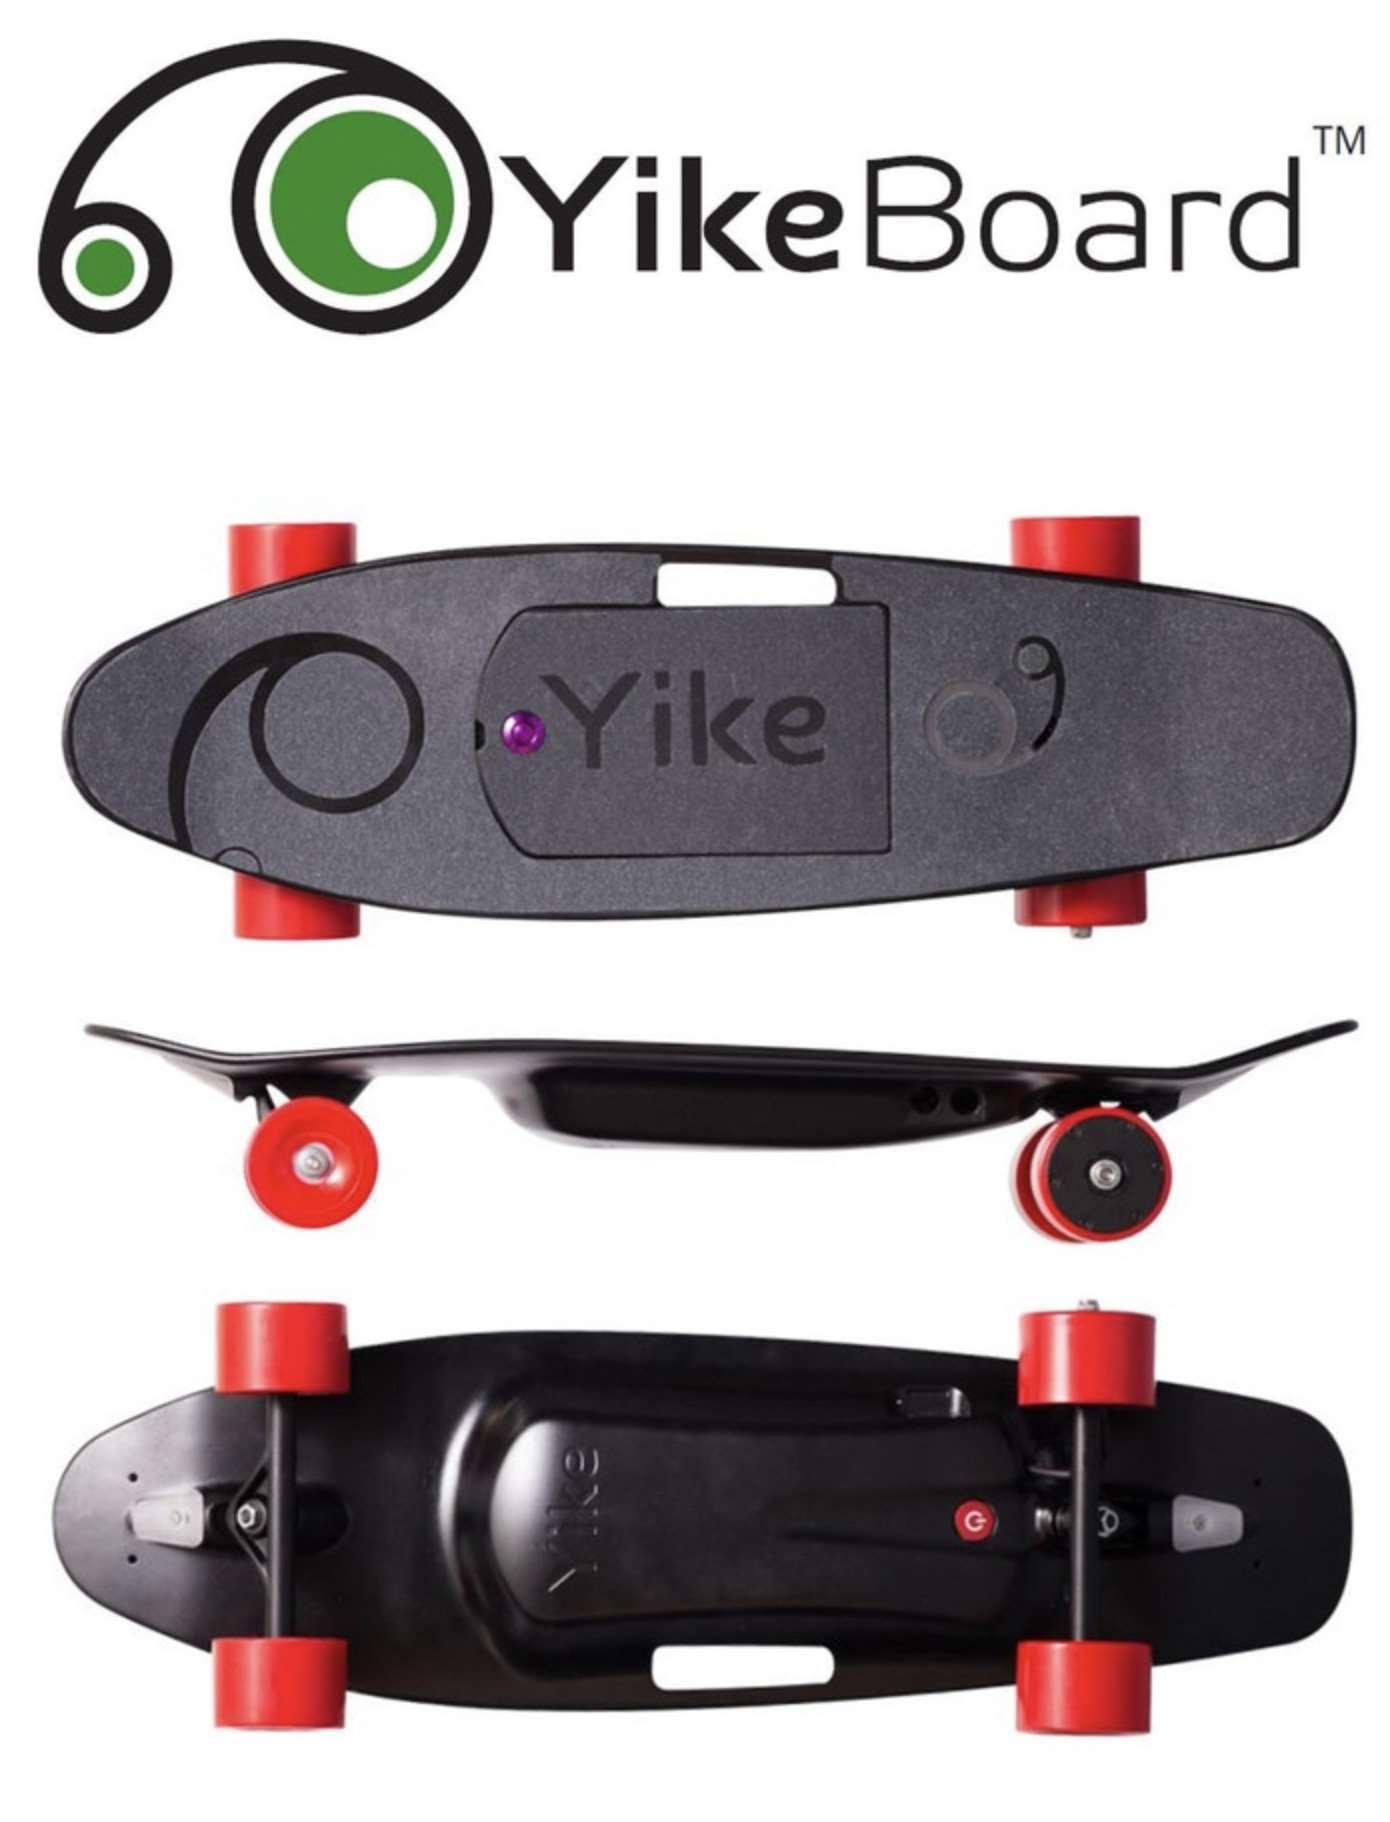 YikeBoard